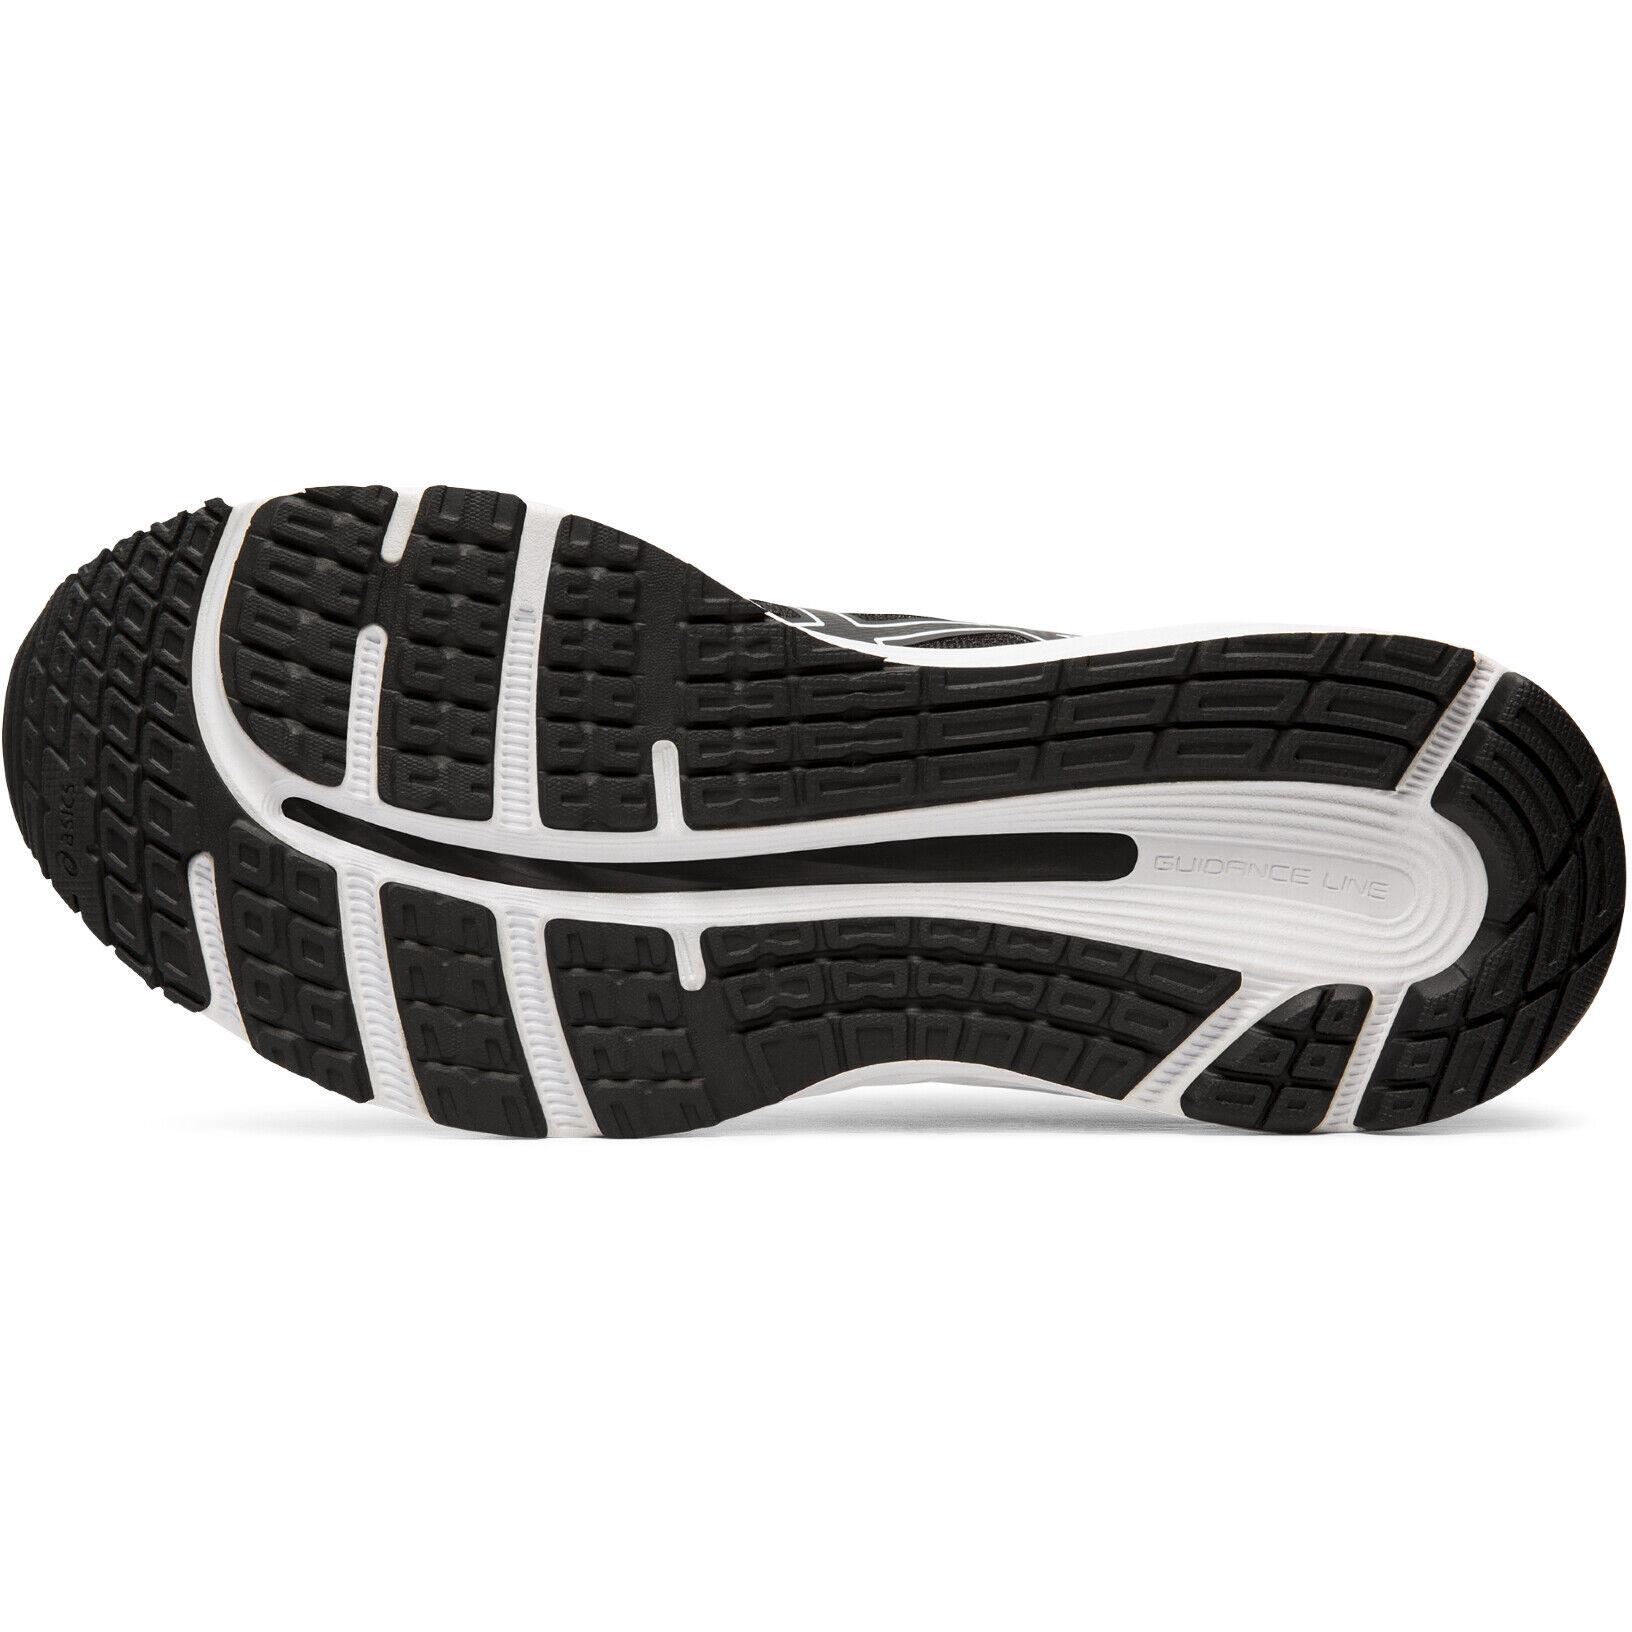 asics Gel Cumulus 21 Schuhe Herren blackwhite